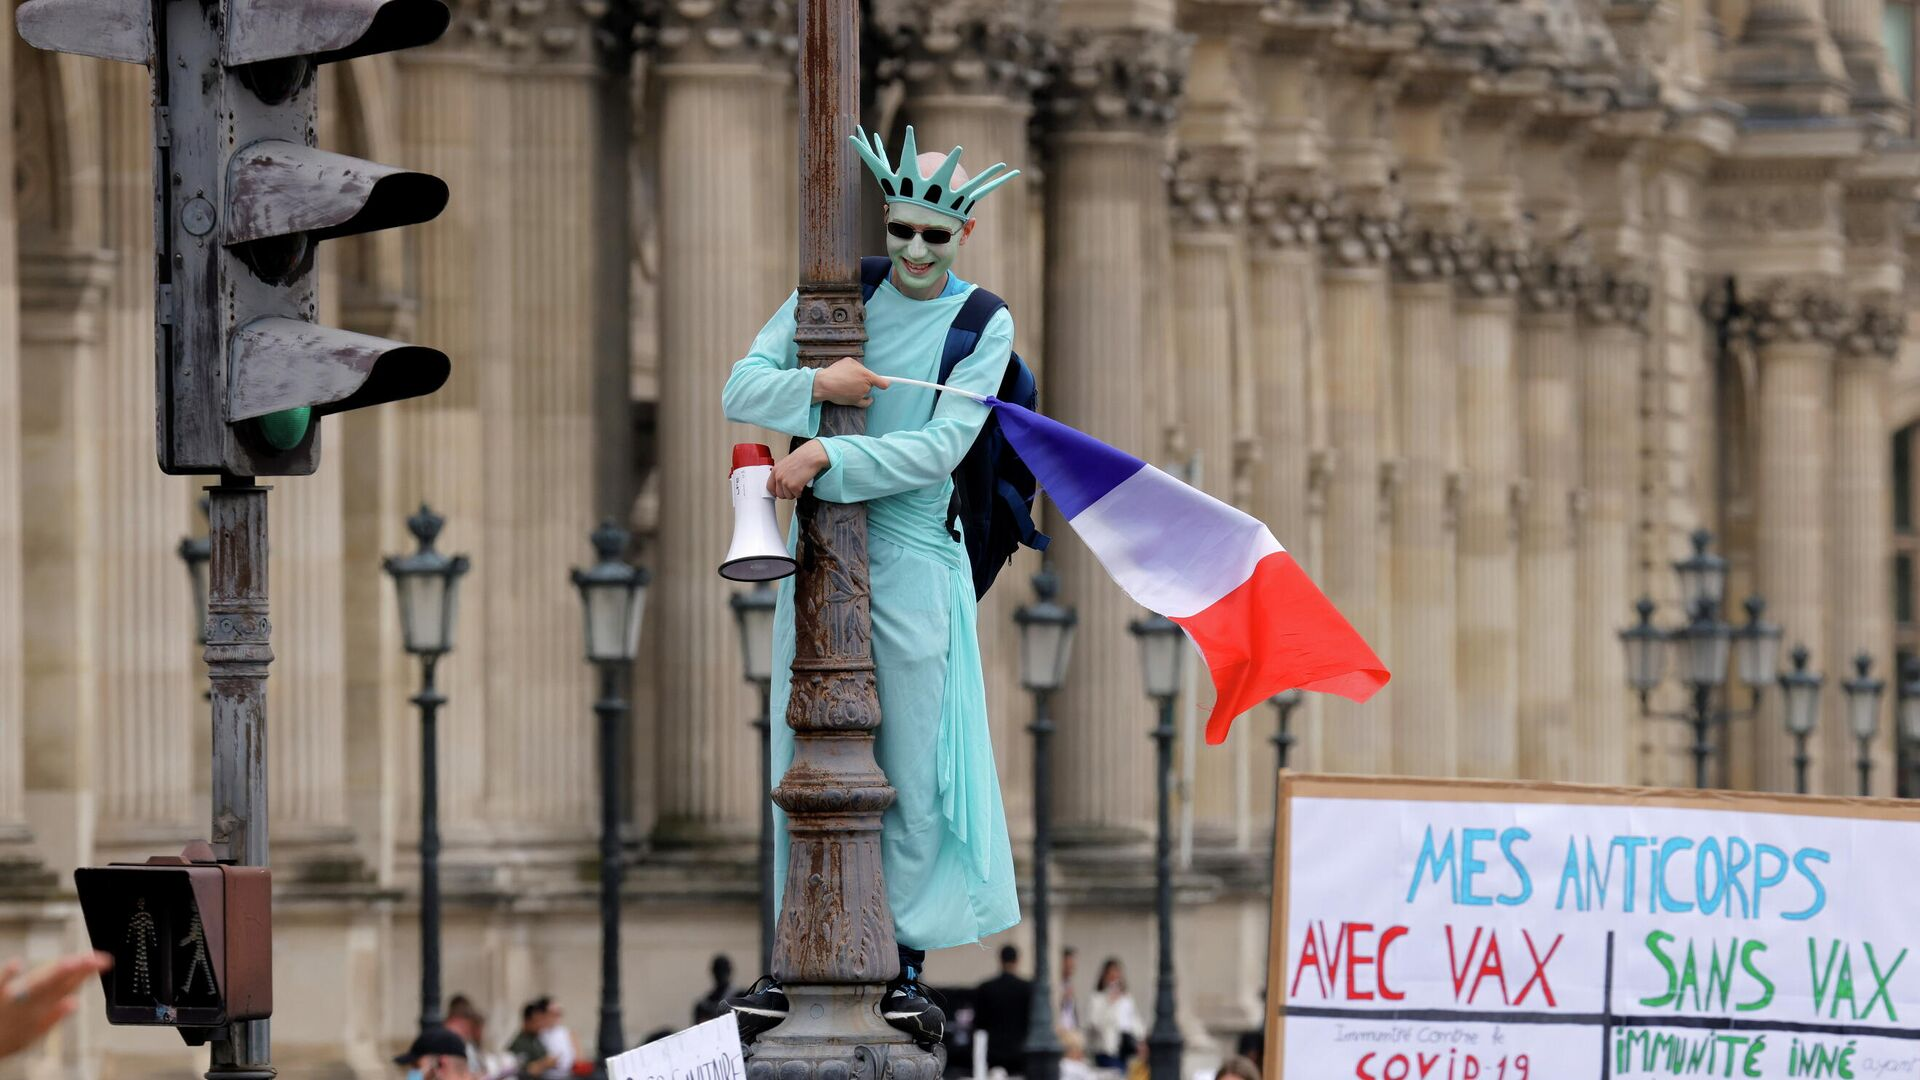 Участники акции протеста против санитарных пропусков в Париже - РИА Новости, 1920, 24.07.2021